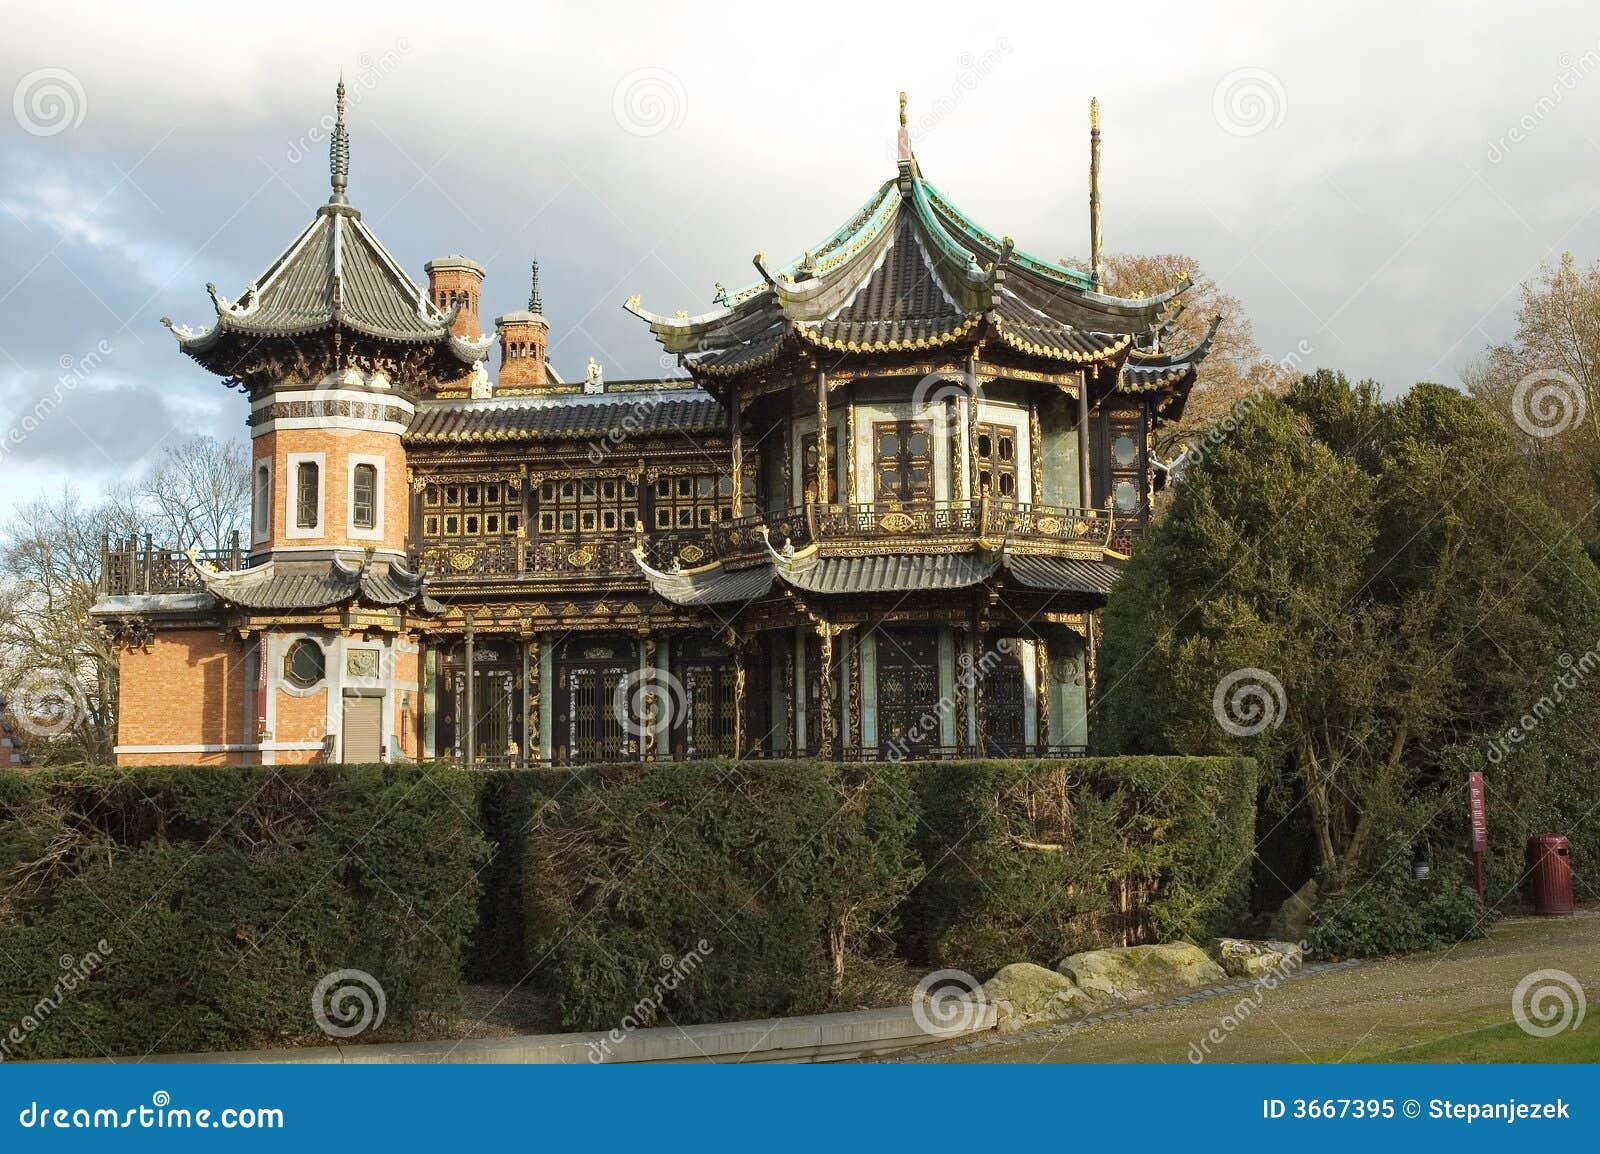 Maison de la chine photo libre de droits image 3667395 - Maison de la chine boutique ...